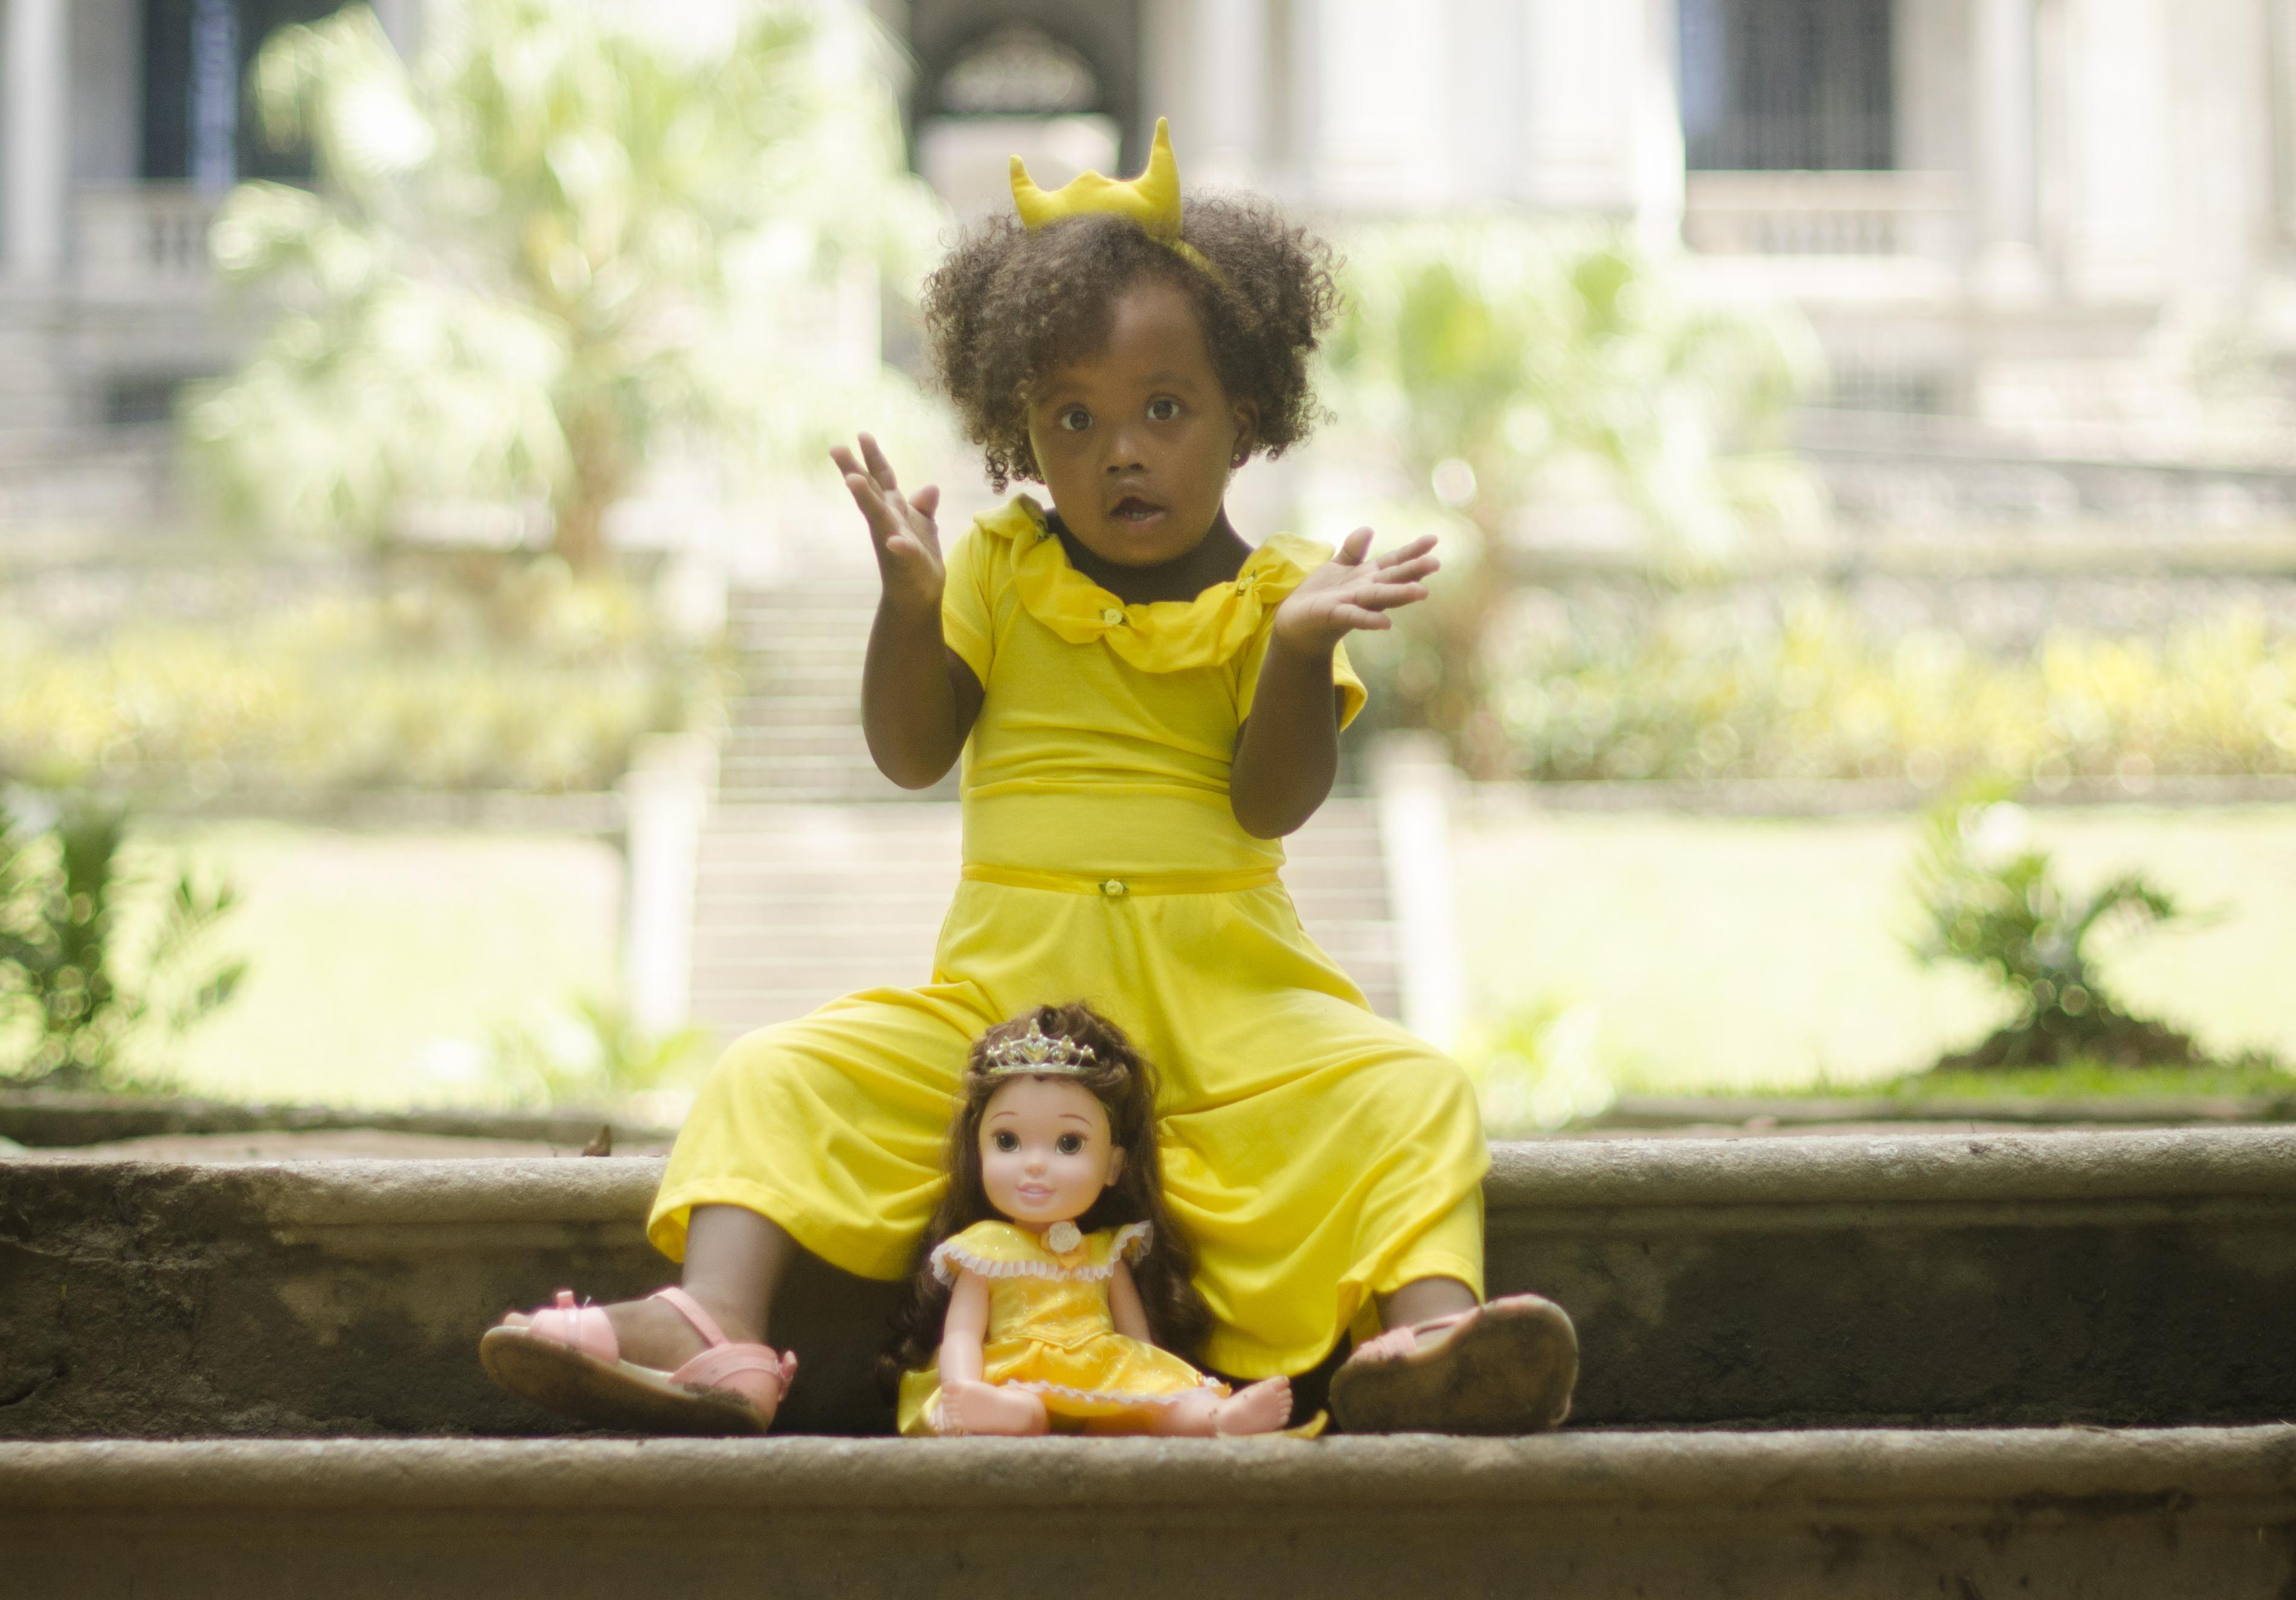 Garota negra com síndrome de Down. Ela levanta os braços como se estivesse fazendo uma pergunta.